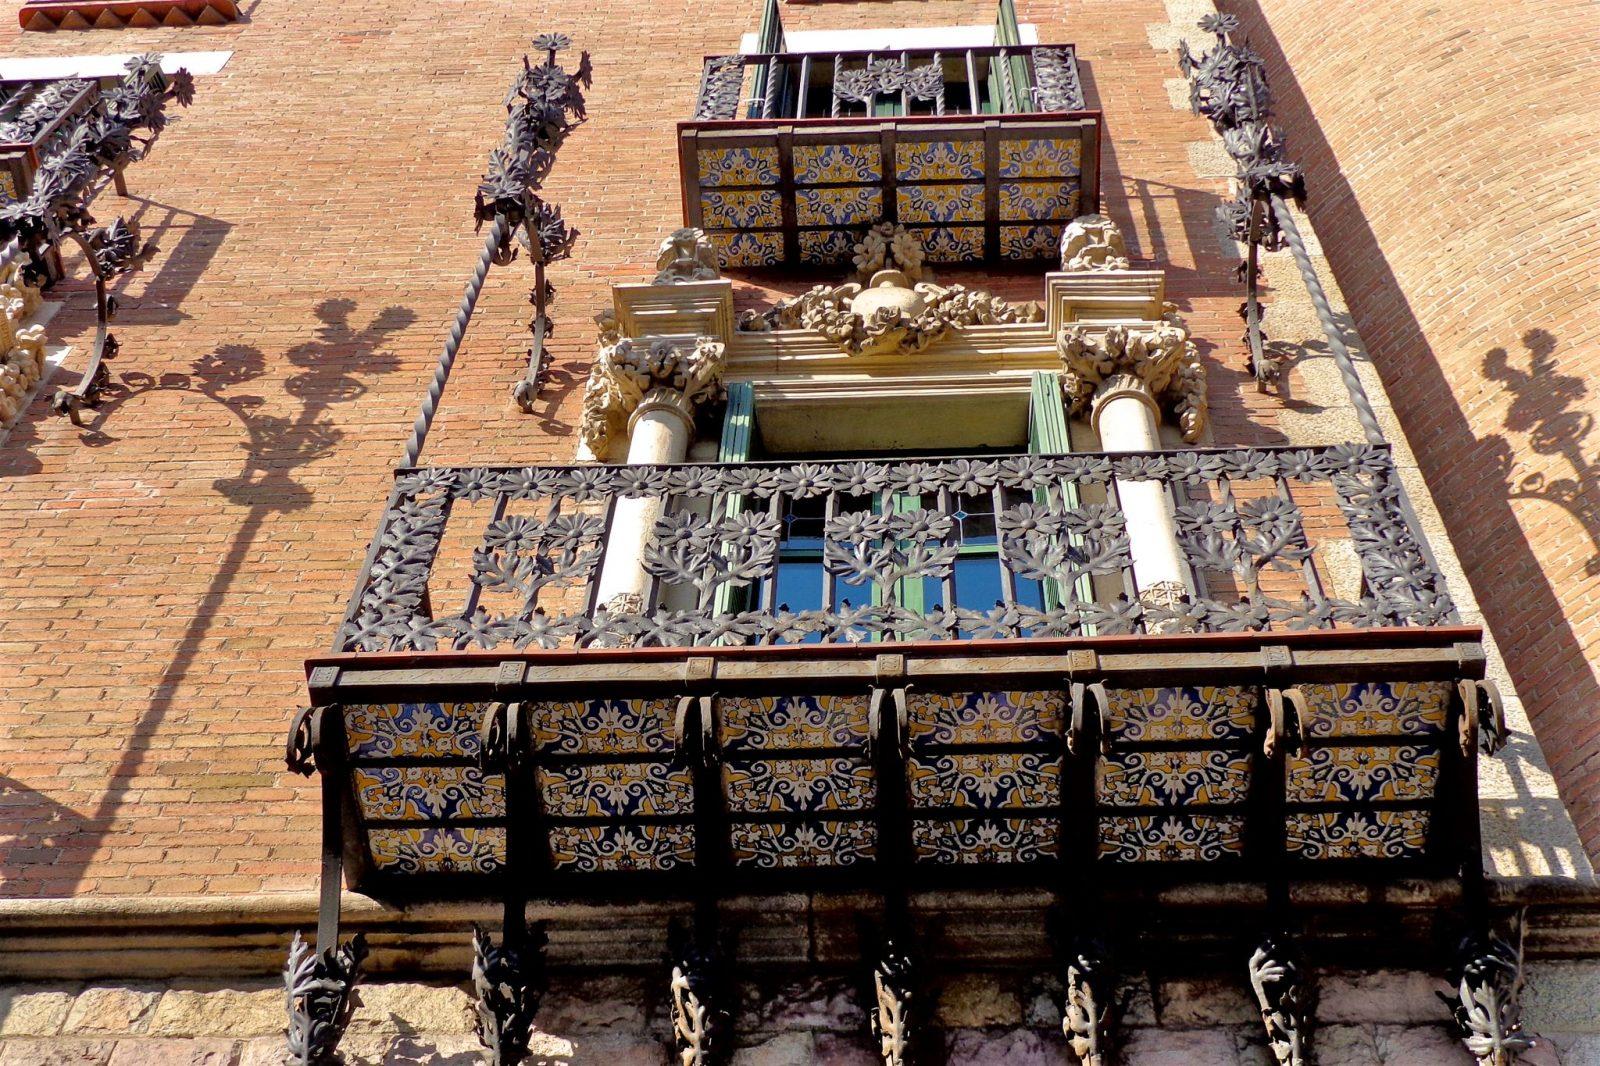 Балкон с железным орнаментом (фото: eric)